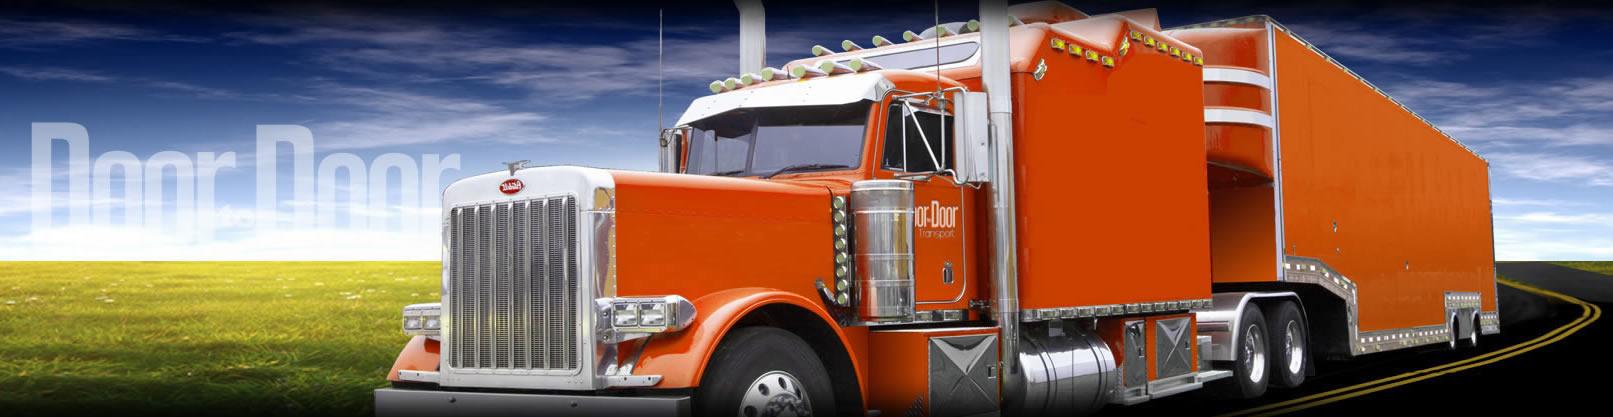 Shipping Trucks